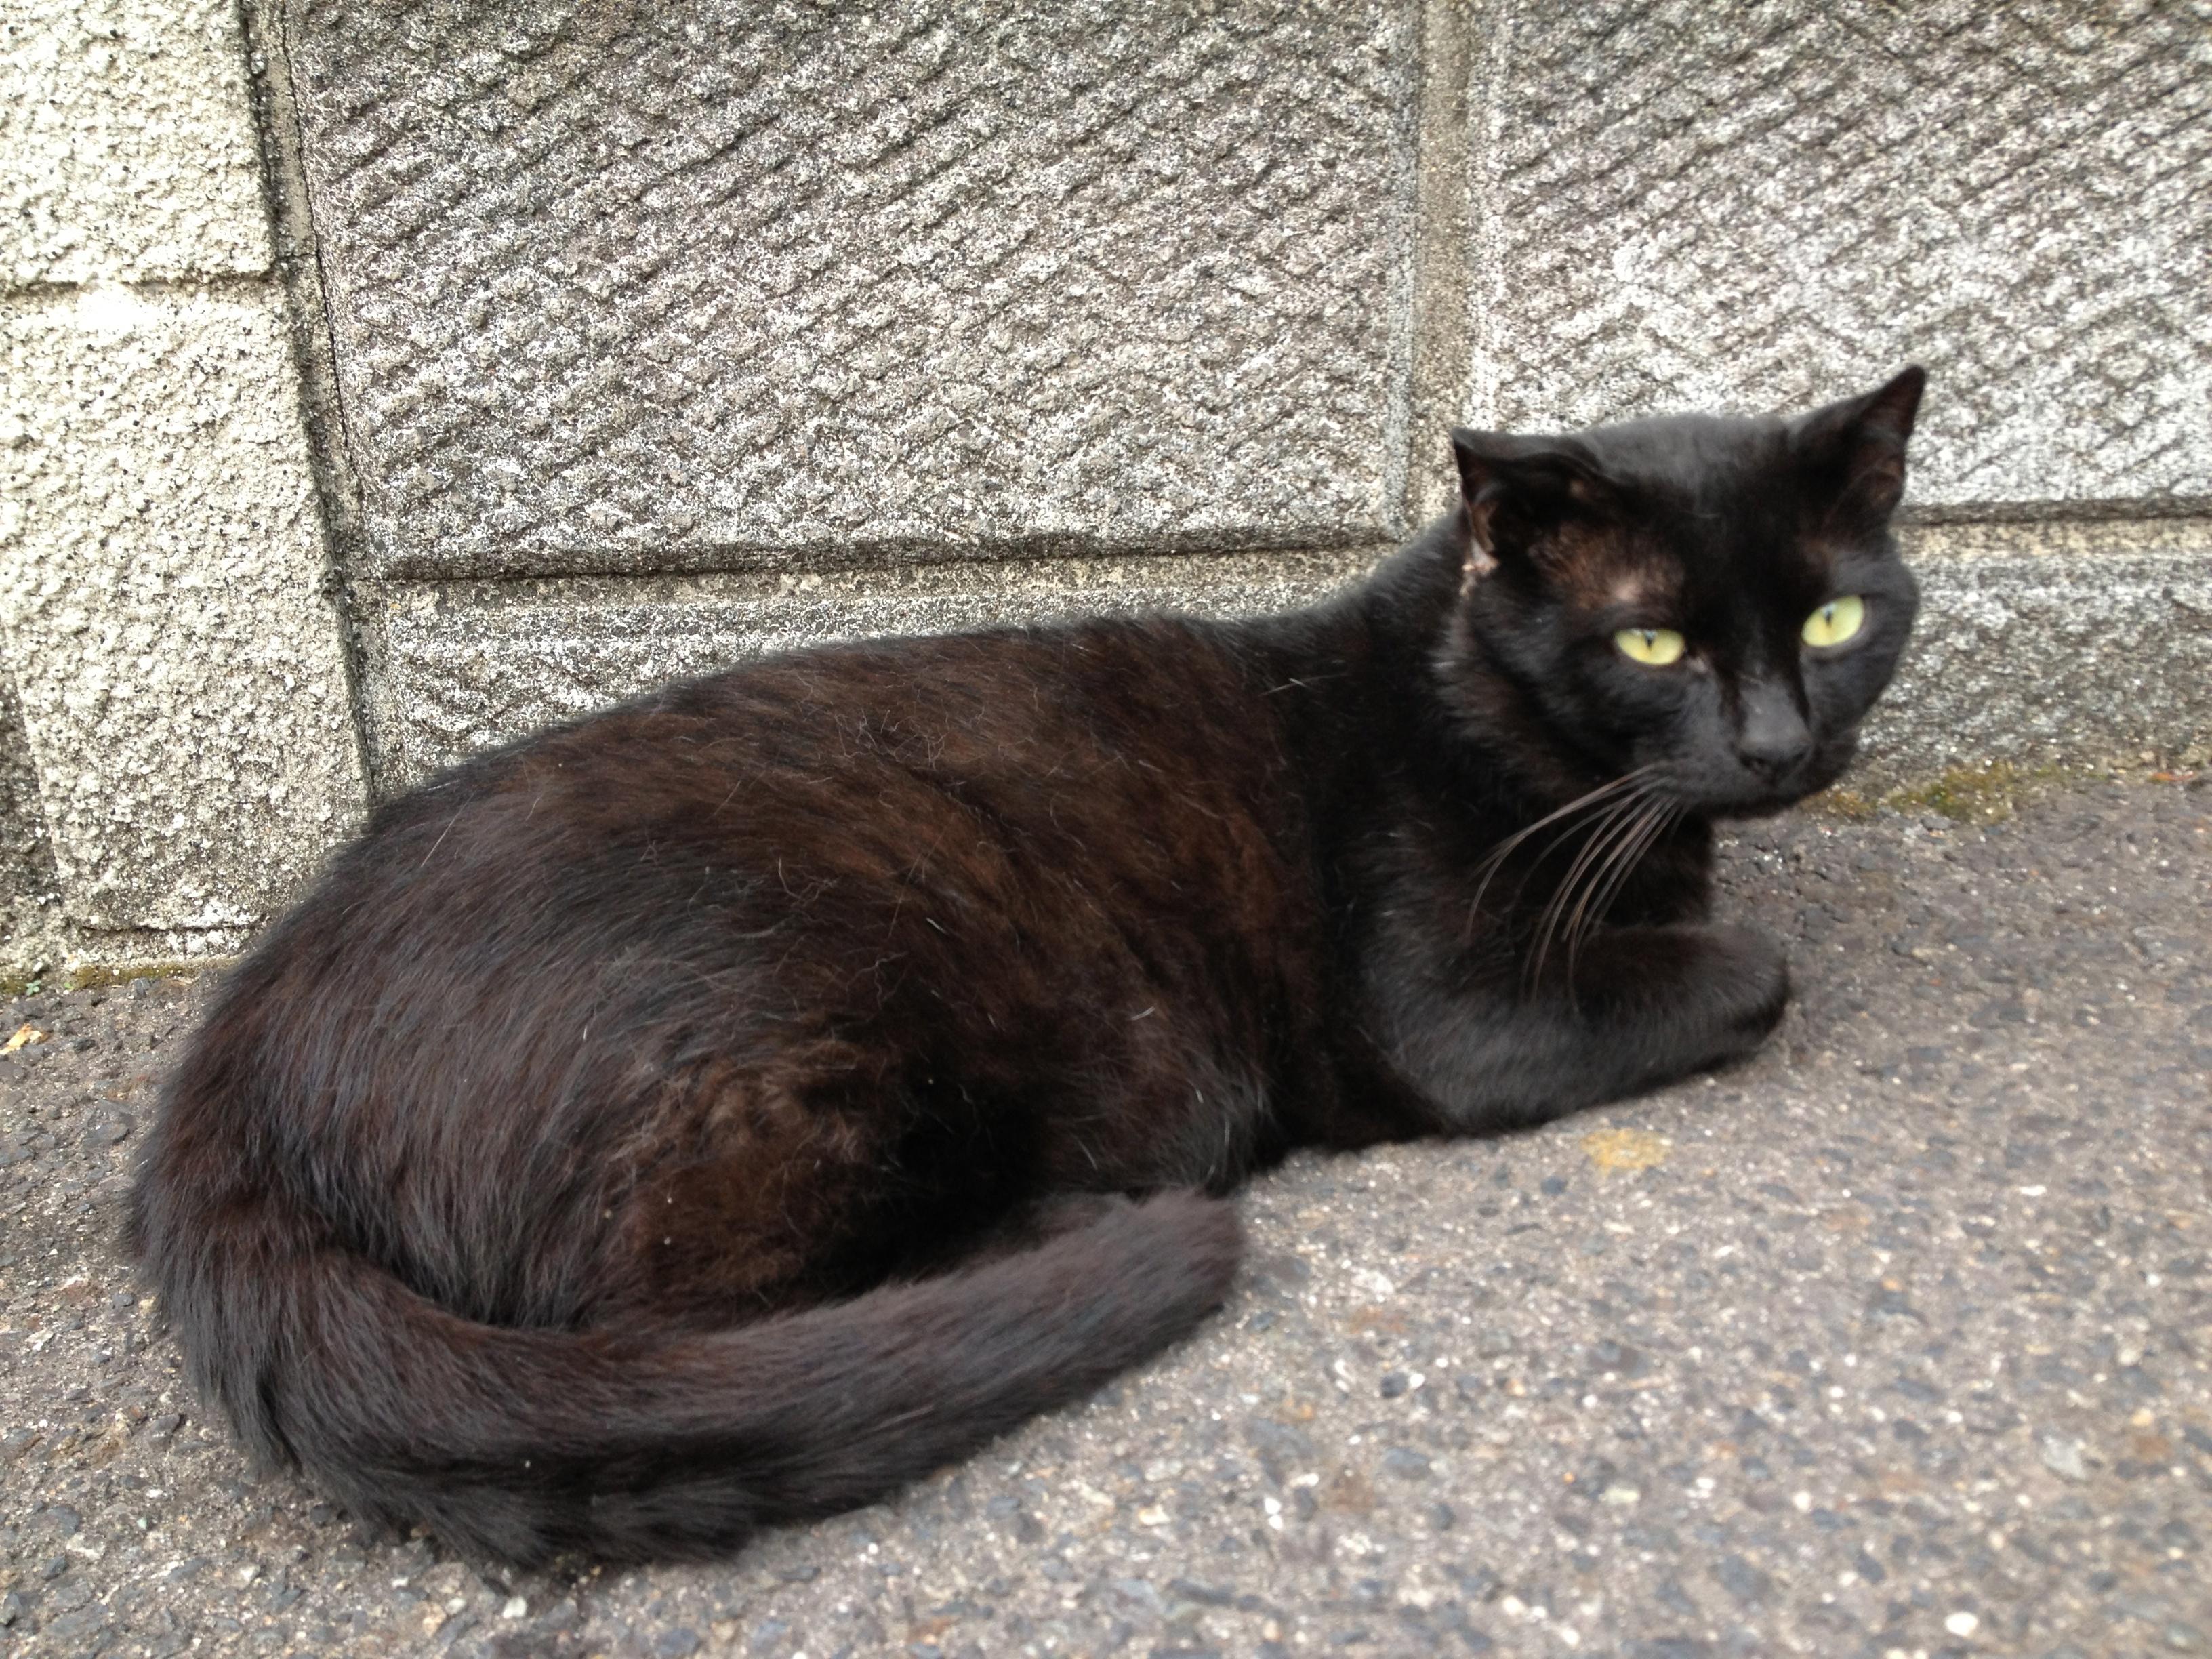 家の前で黒猫に遭遇!黒猫の迷信について調べてみた!